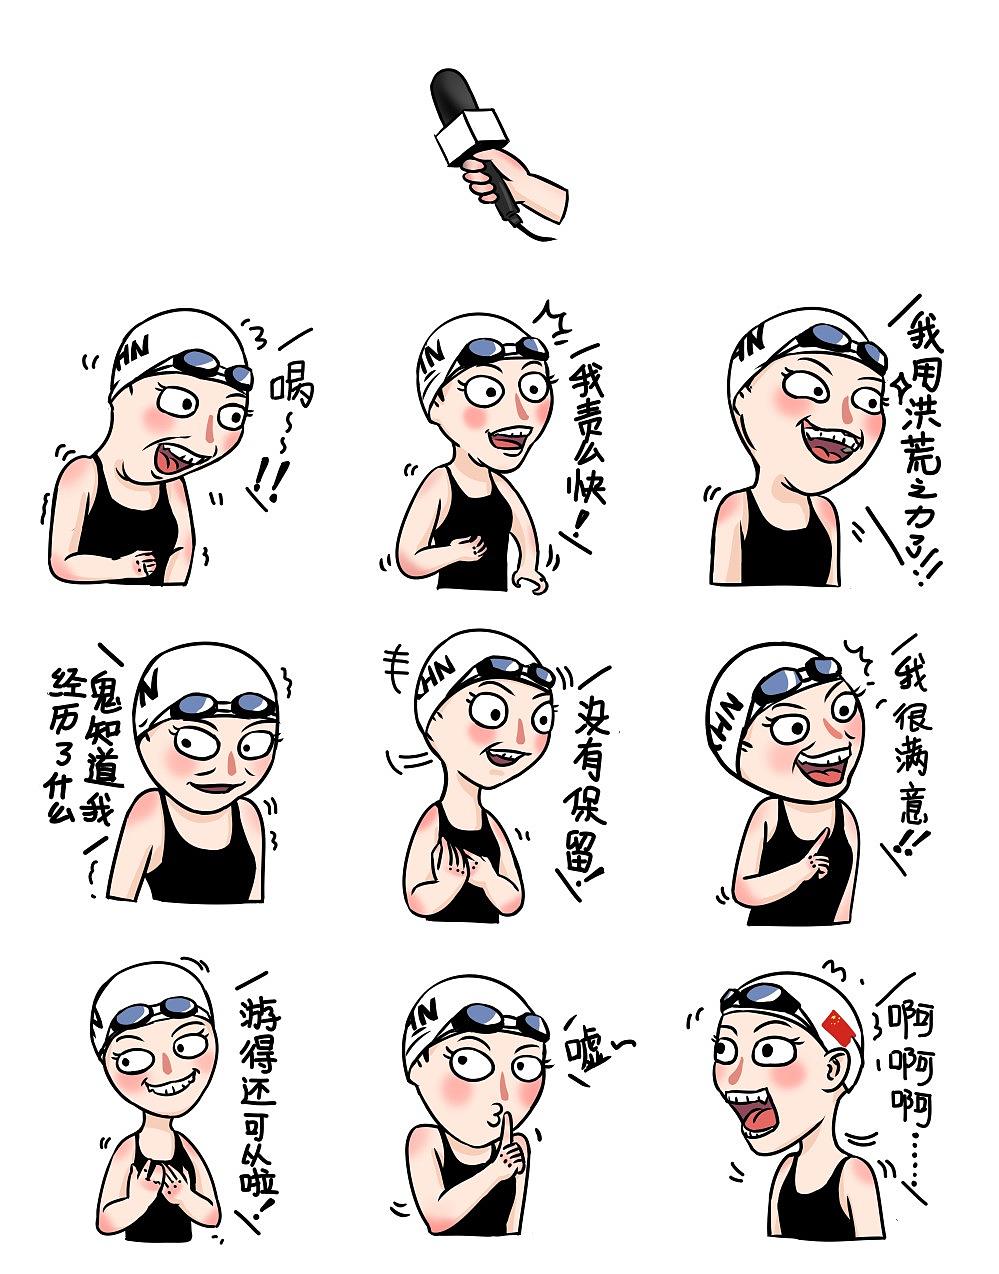 【表情之力】傅园慧美少女卡通动漫|洪荒|网想哭搞笑难受图图片